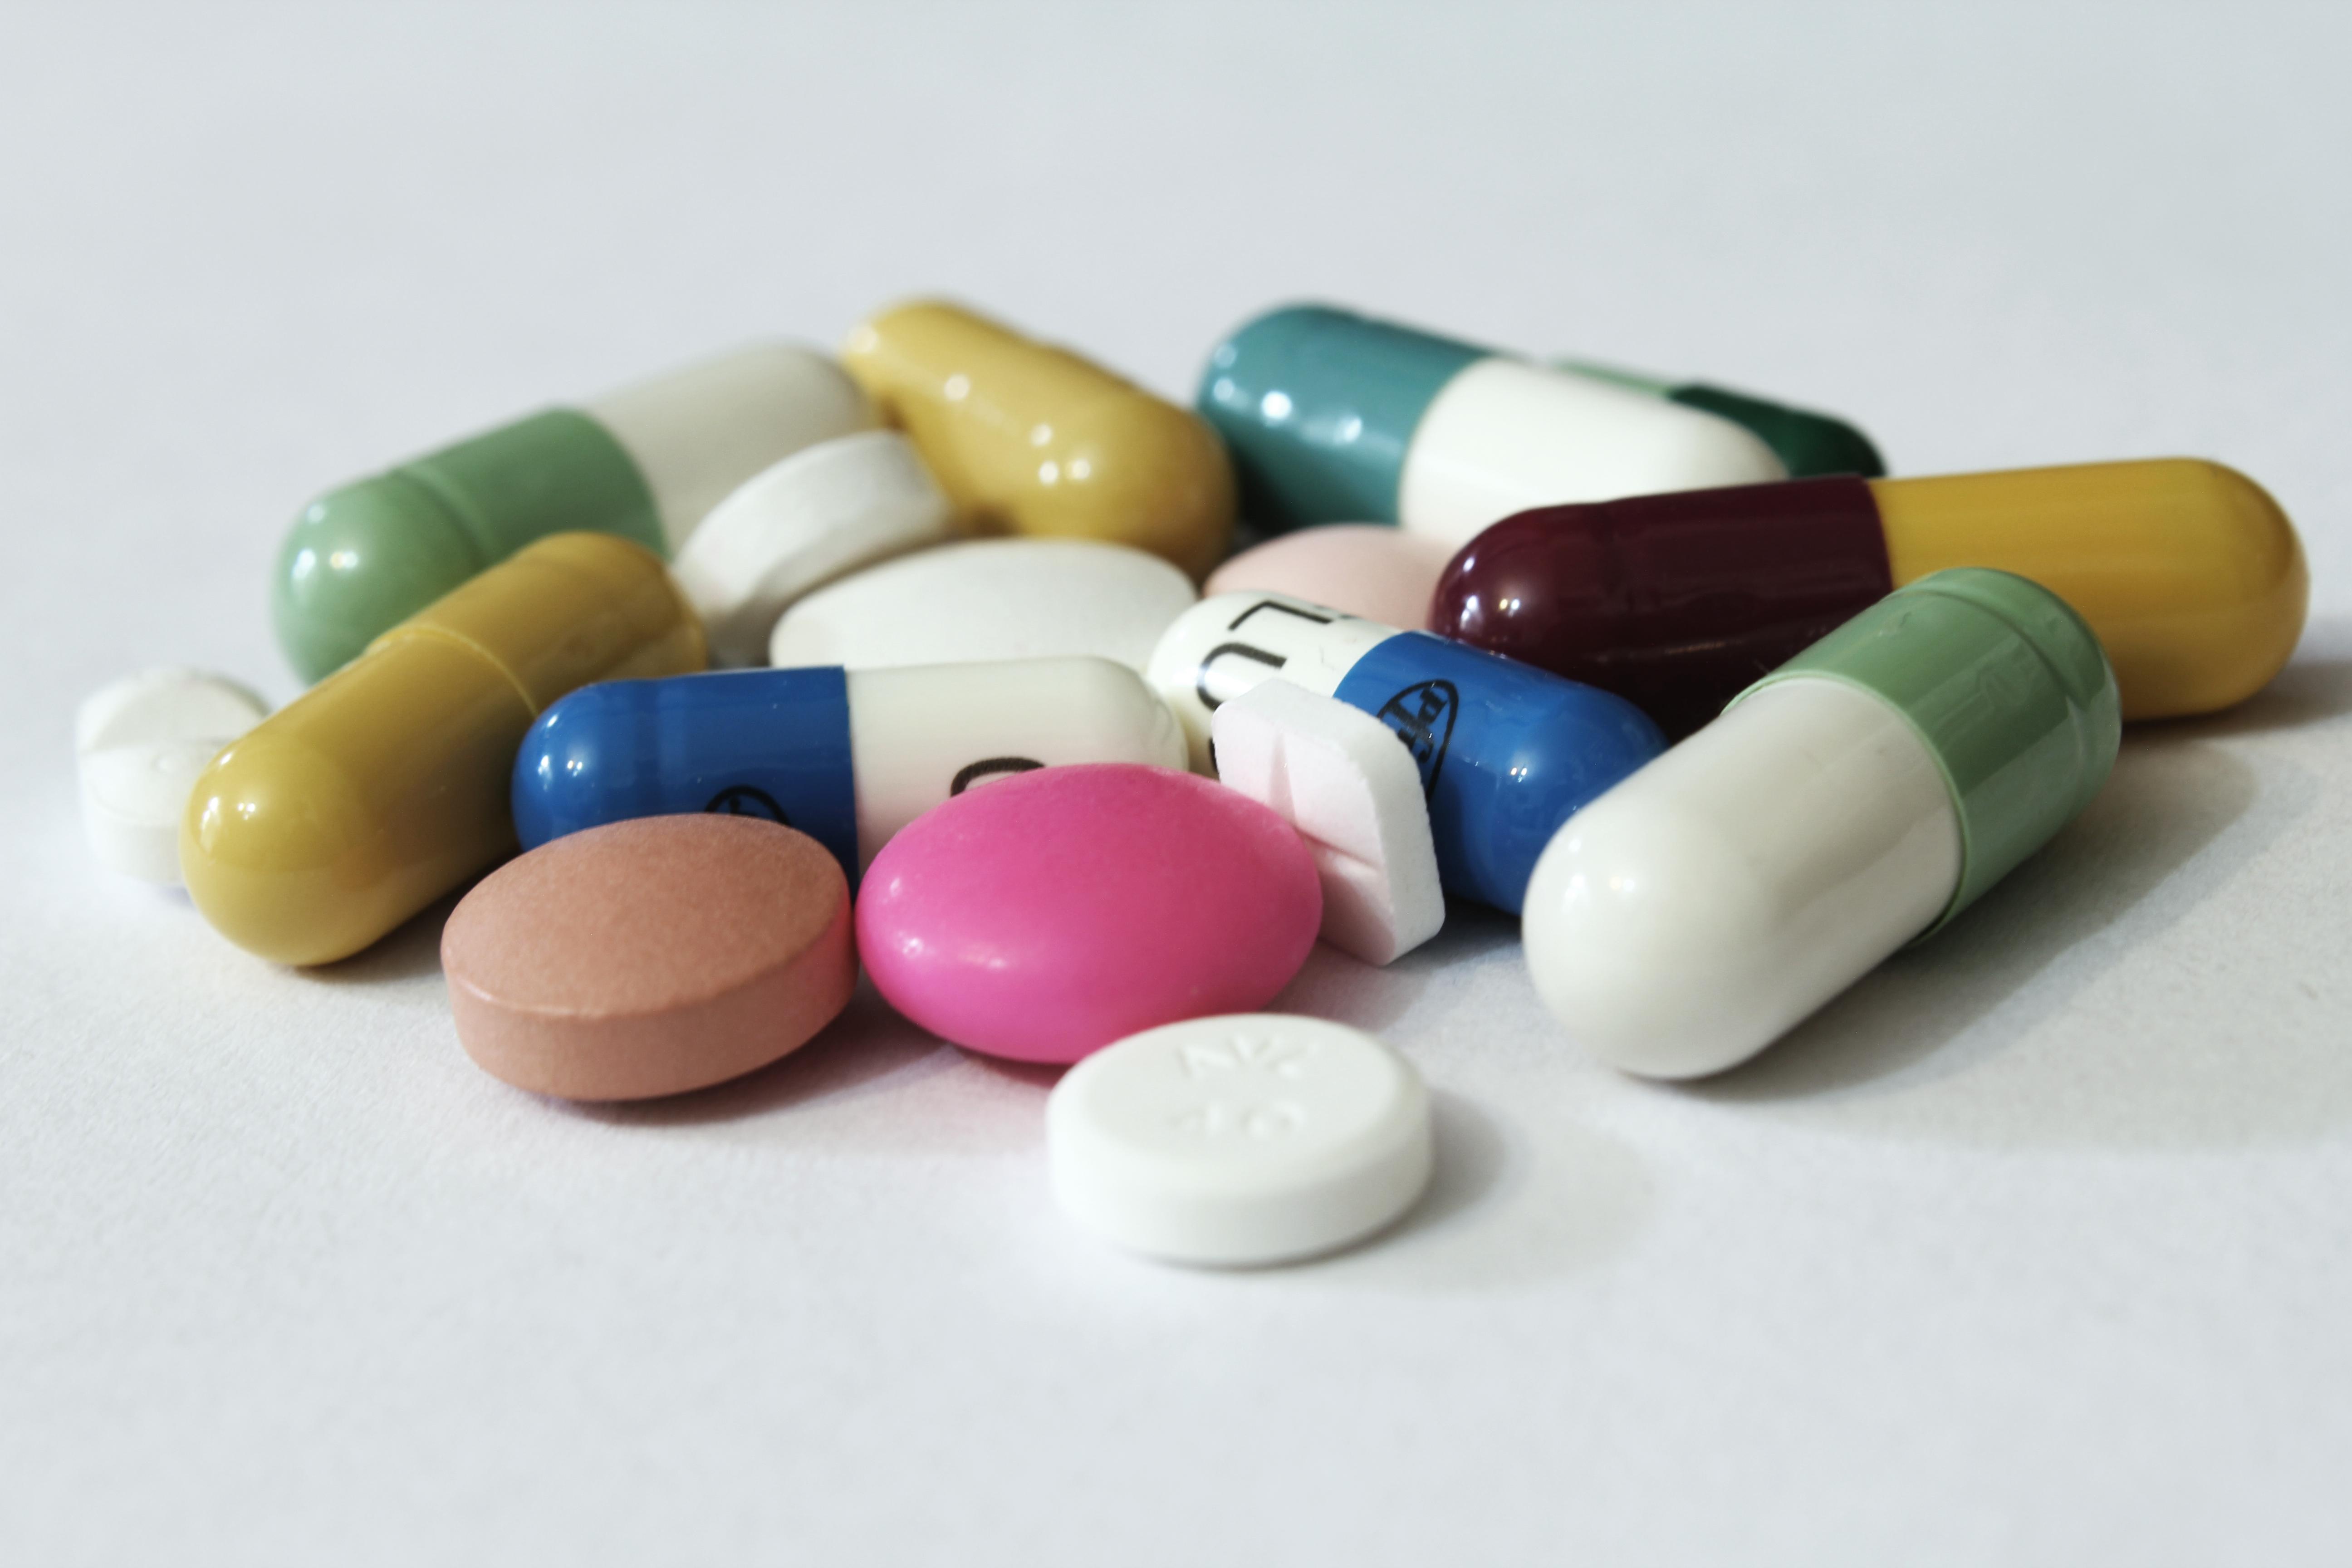 Bientôt une pilule anti-âge?